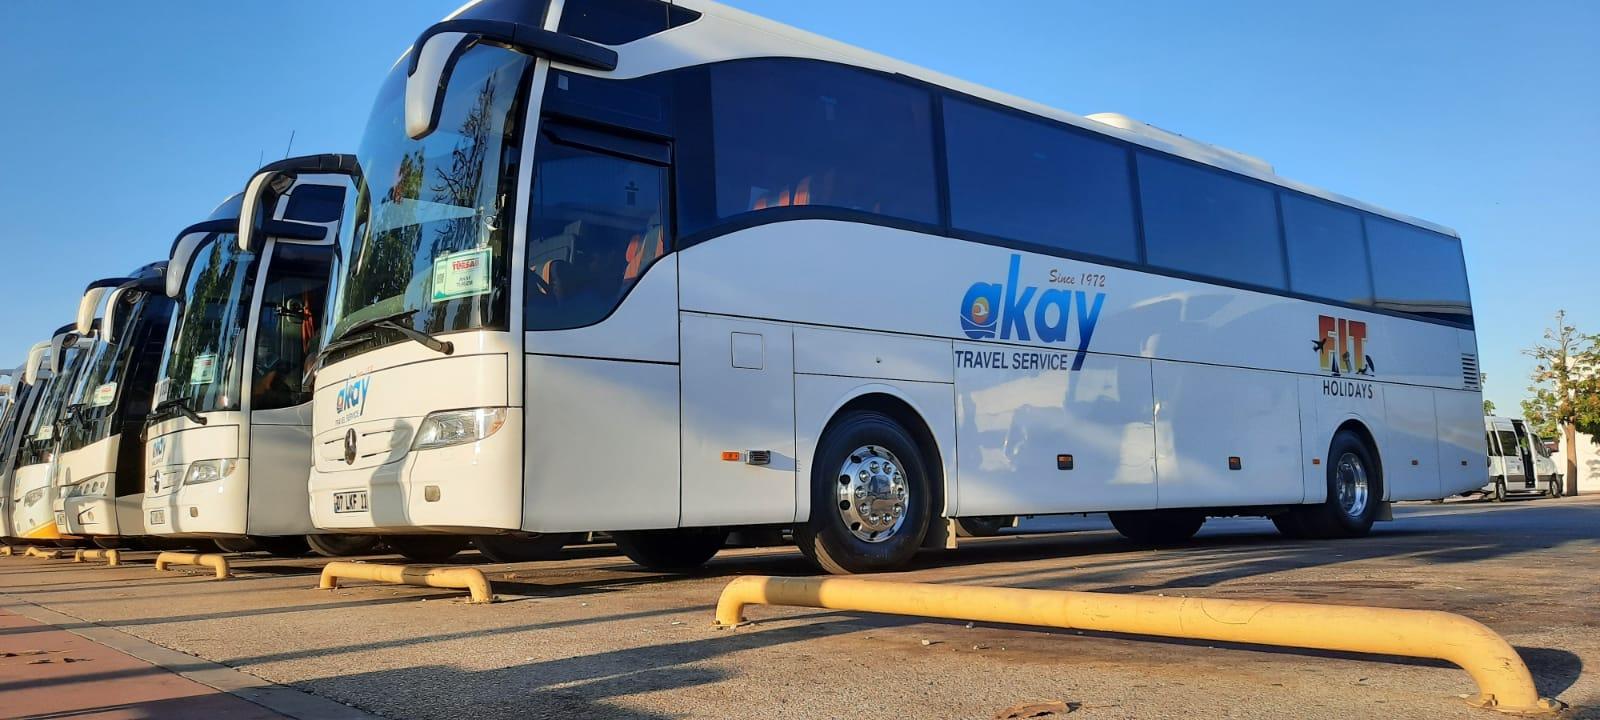 Akay Travel pandemi nedeni ile verilen bir yıllık zorunluaradan sonra sezonun ilk Baltık müşterilerini karşıladı.